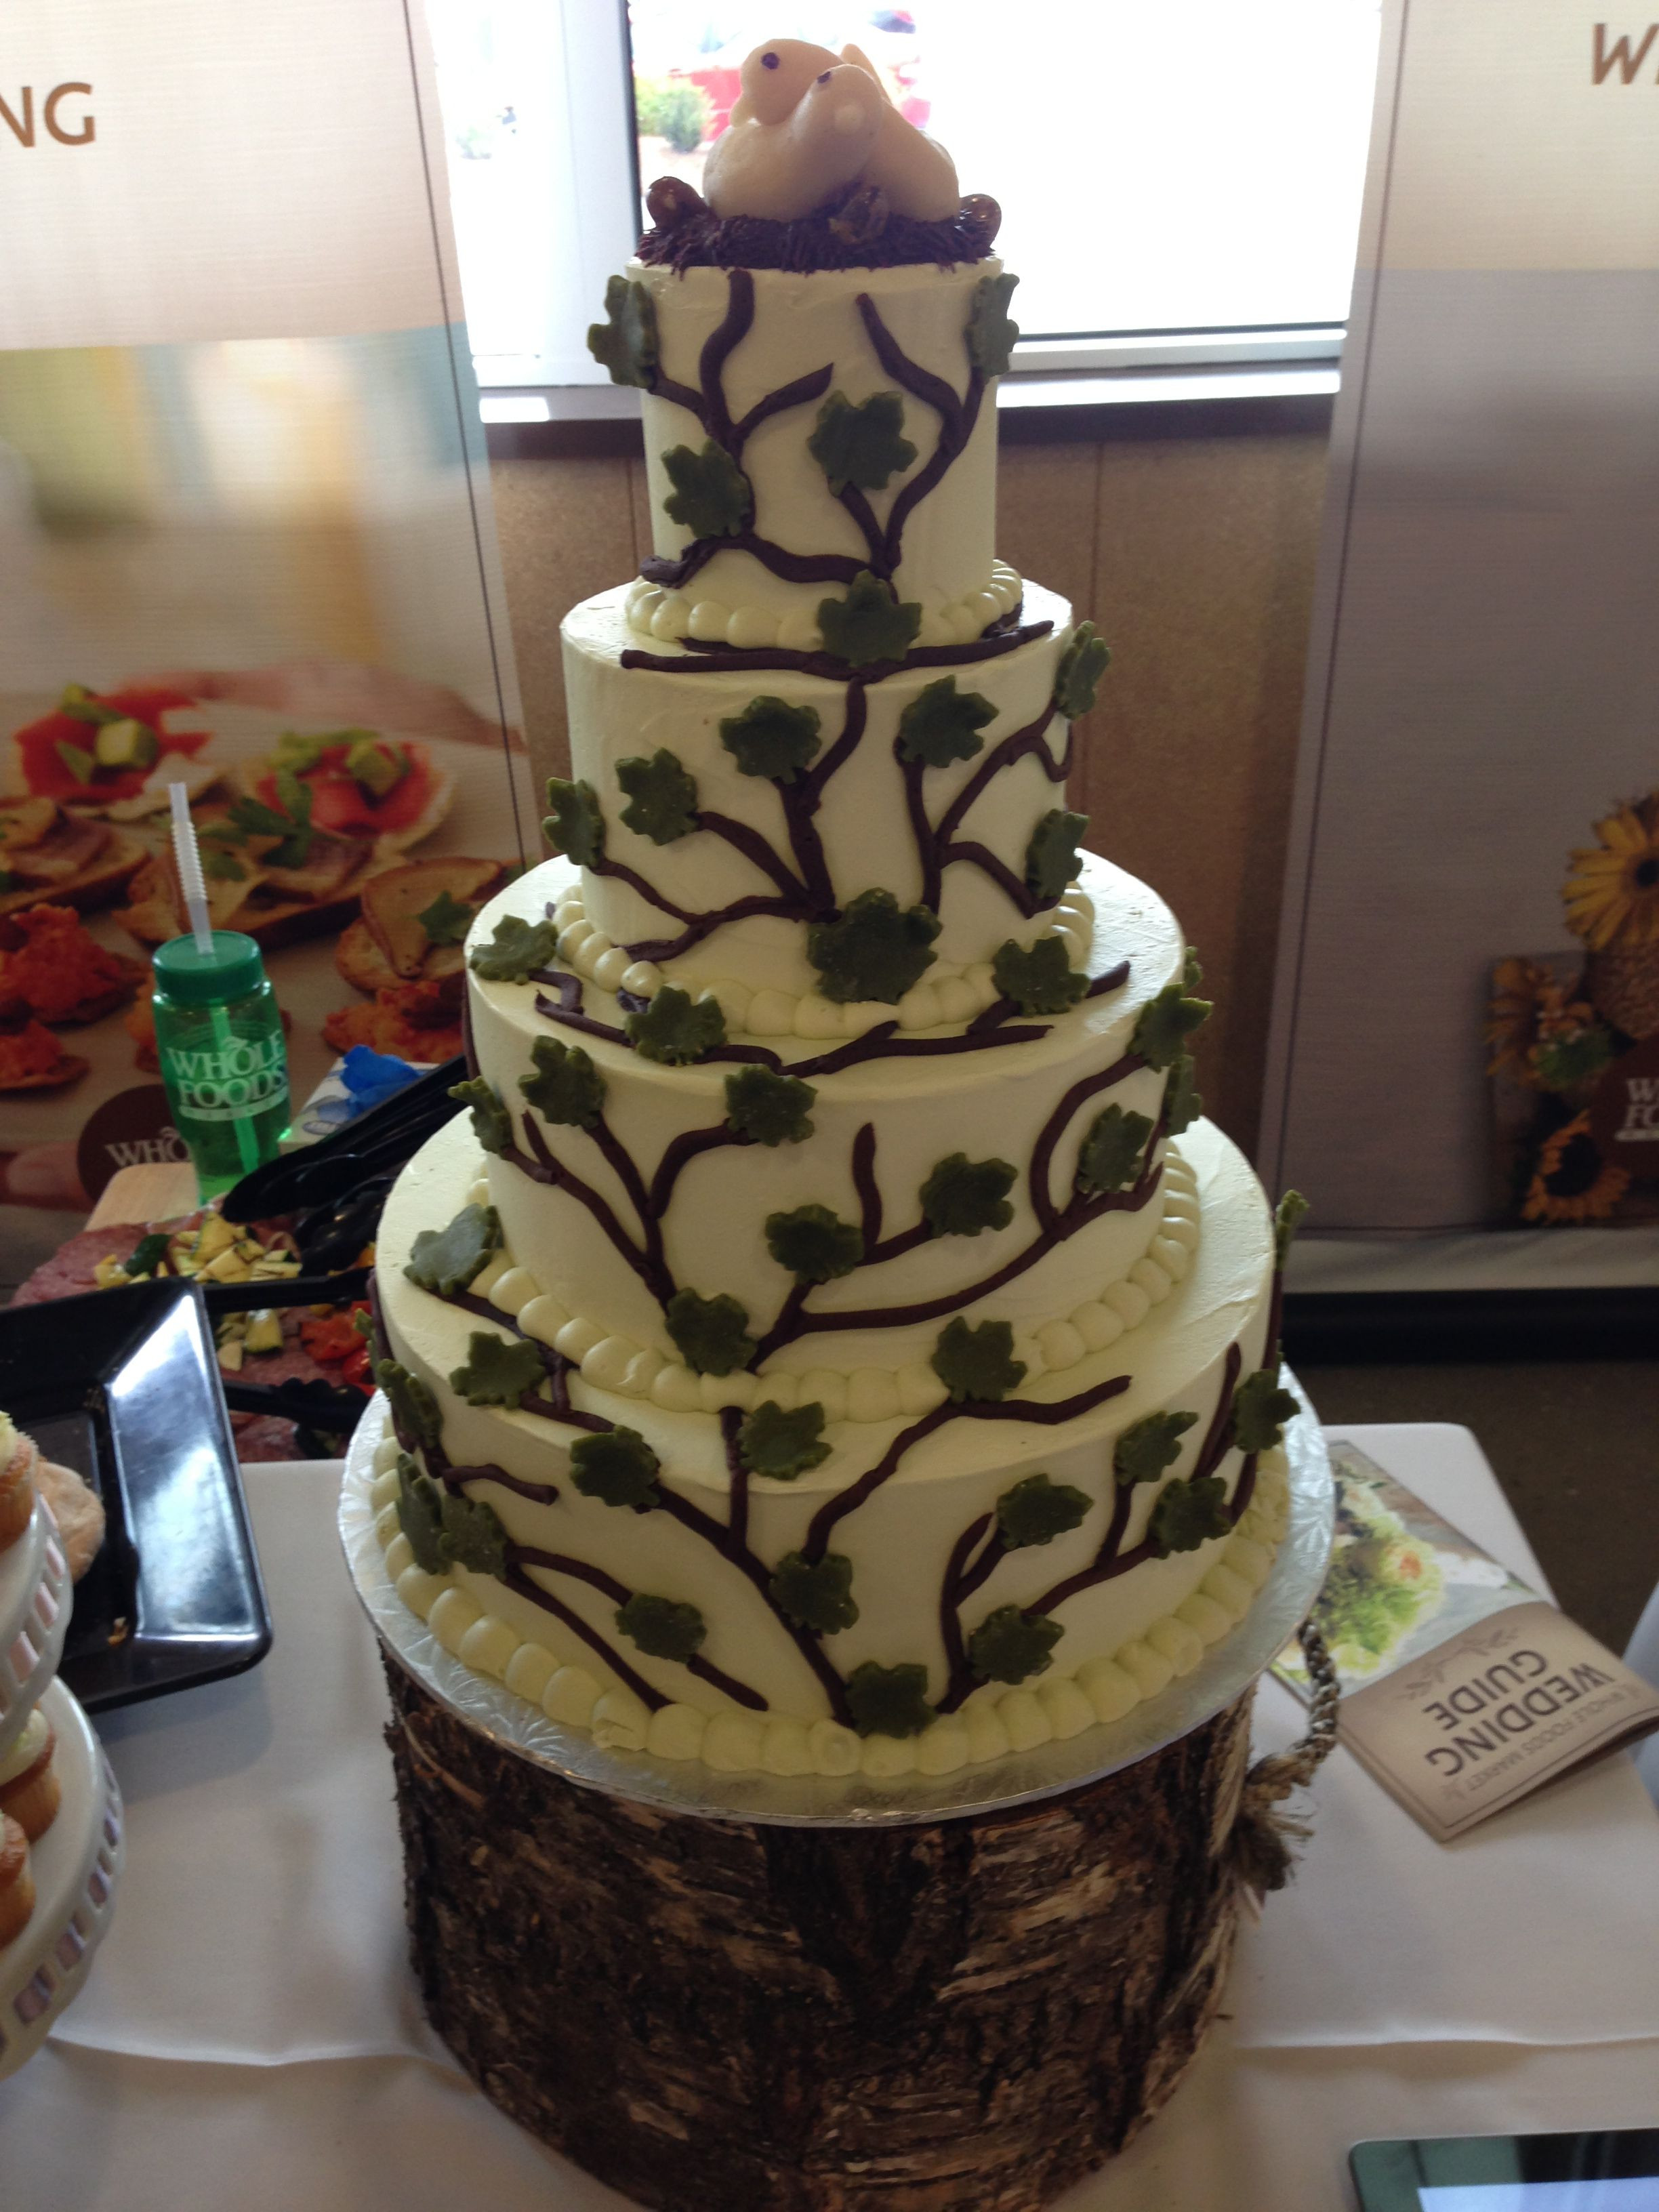 Whole Foods Wedding Cakes  Whole Foods Market wedding cake WFM Cakes